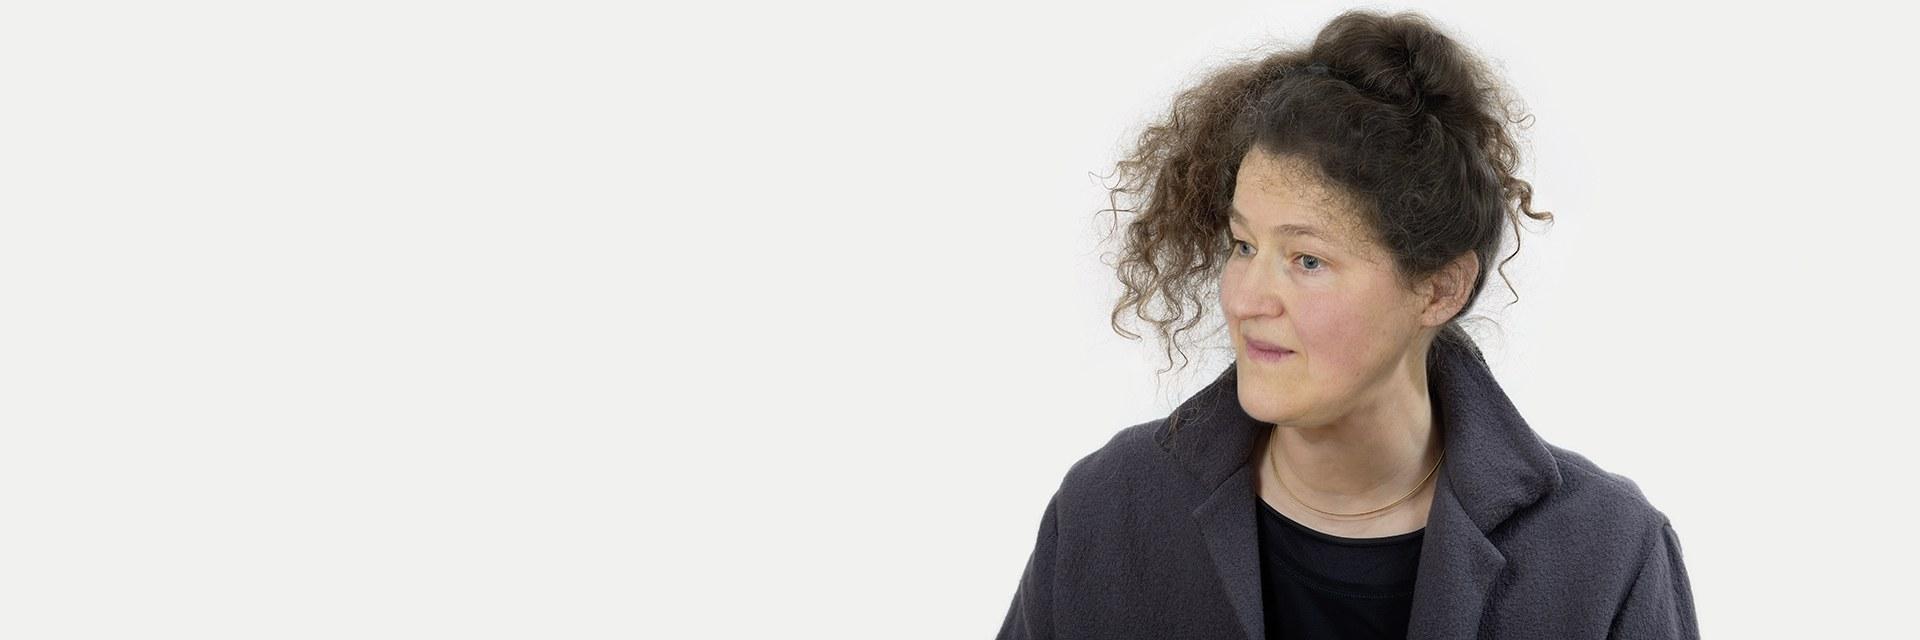 Prof. Katharina Bopp Becking